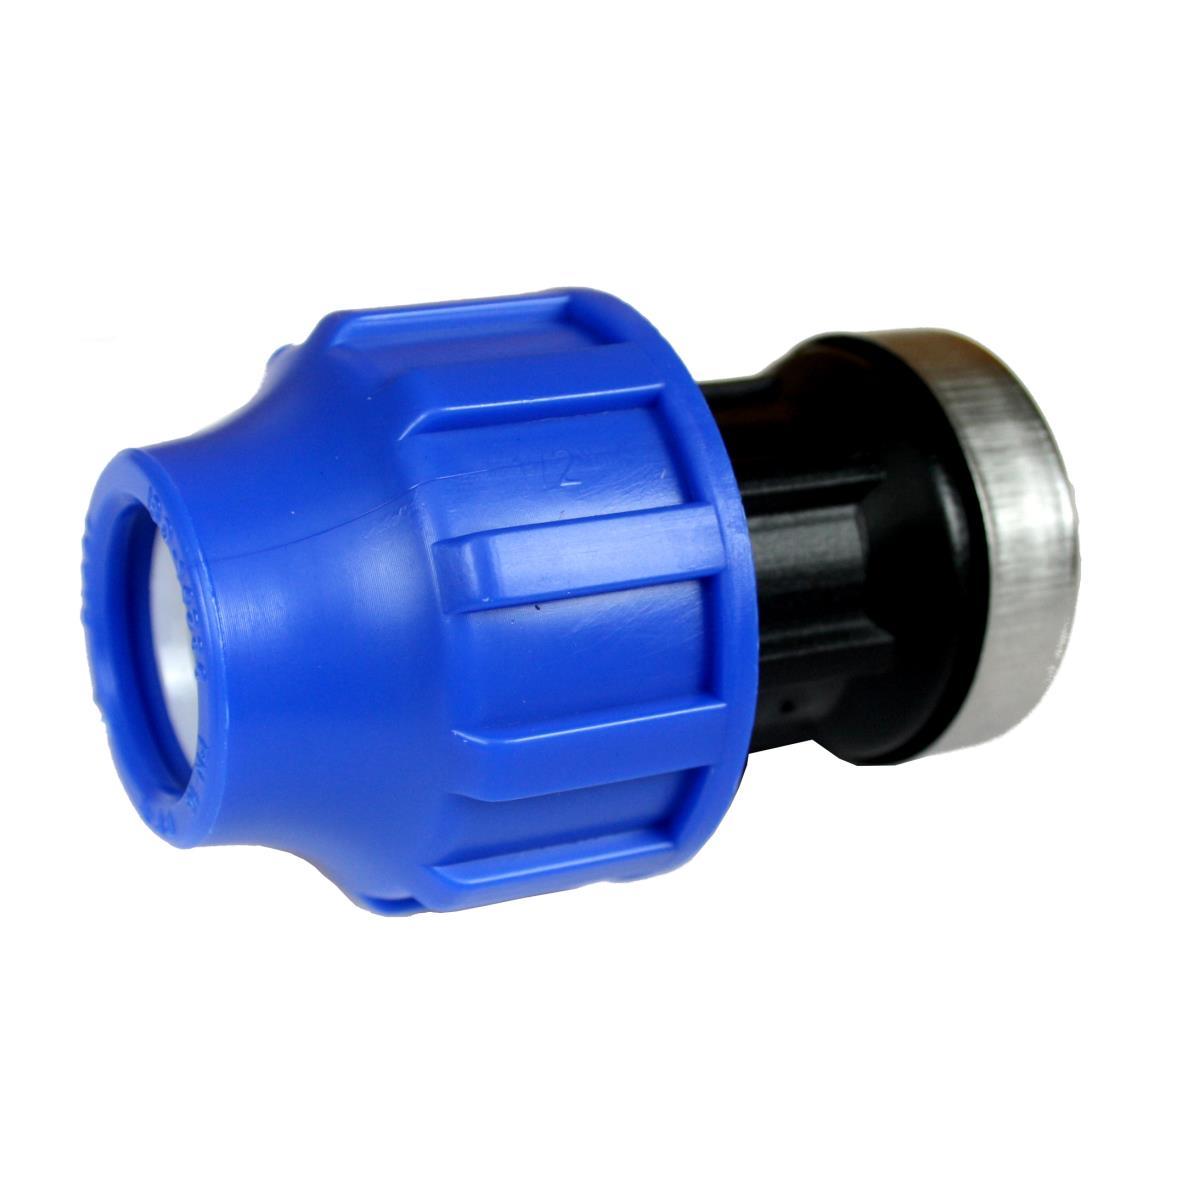 """PP Klemmfitting Rohr Verschraubung Trinkwasser DVGW Kupplung Ø20 x IG 3/4"""",STP,703022, 8435006800217"""